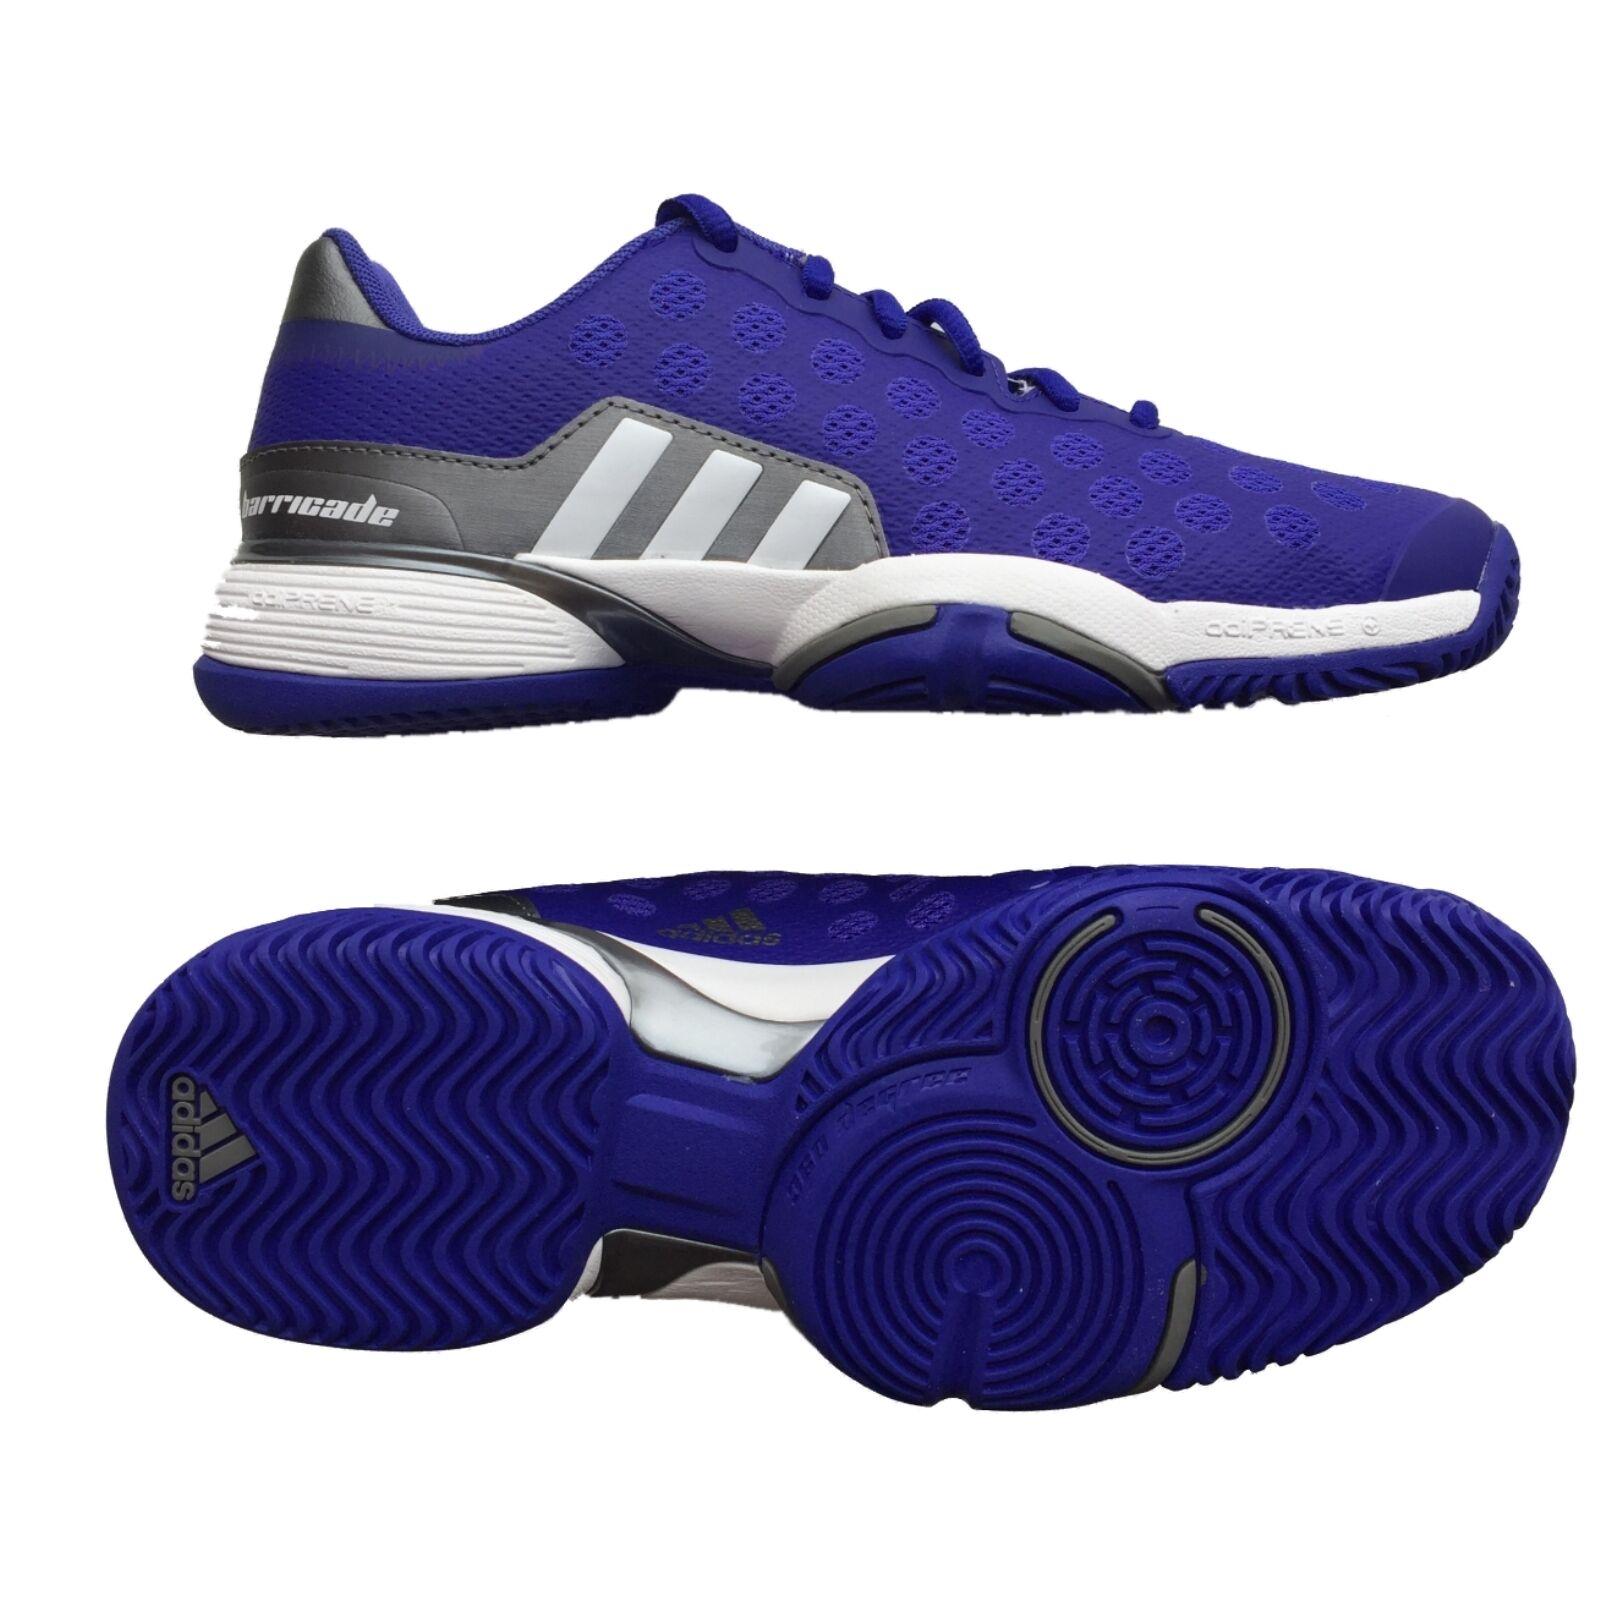 Adidas Sportschuhe Tennisschuhe Barricade 9 xJ   B44426